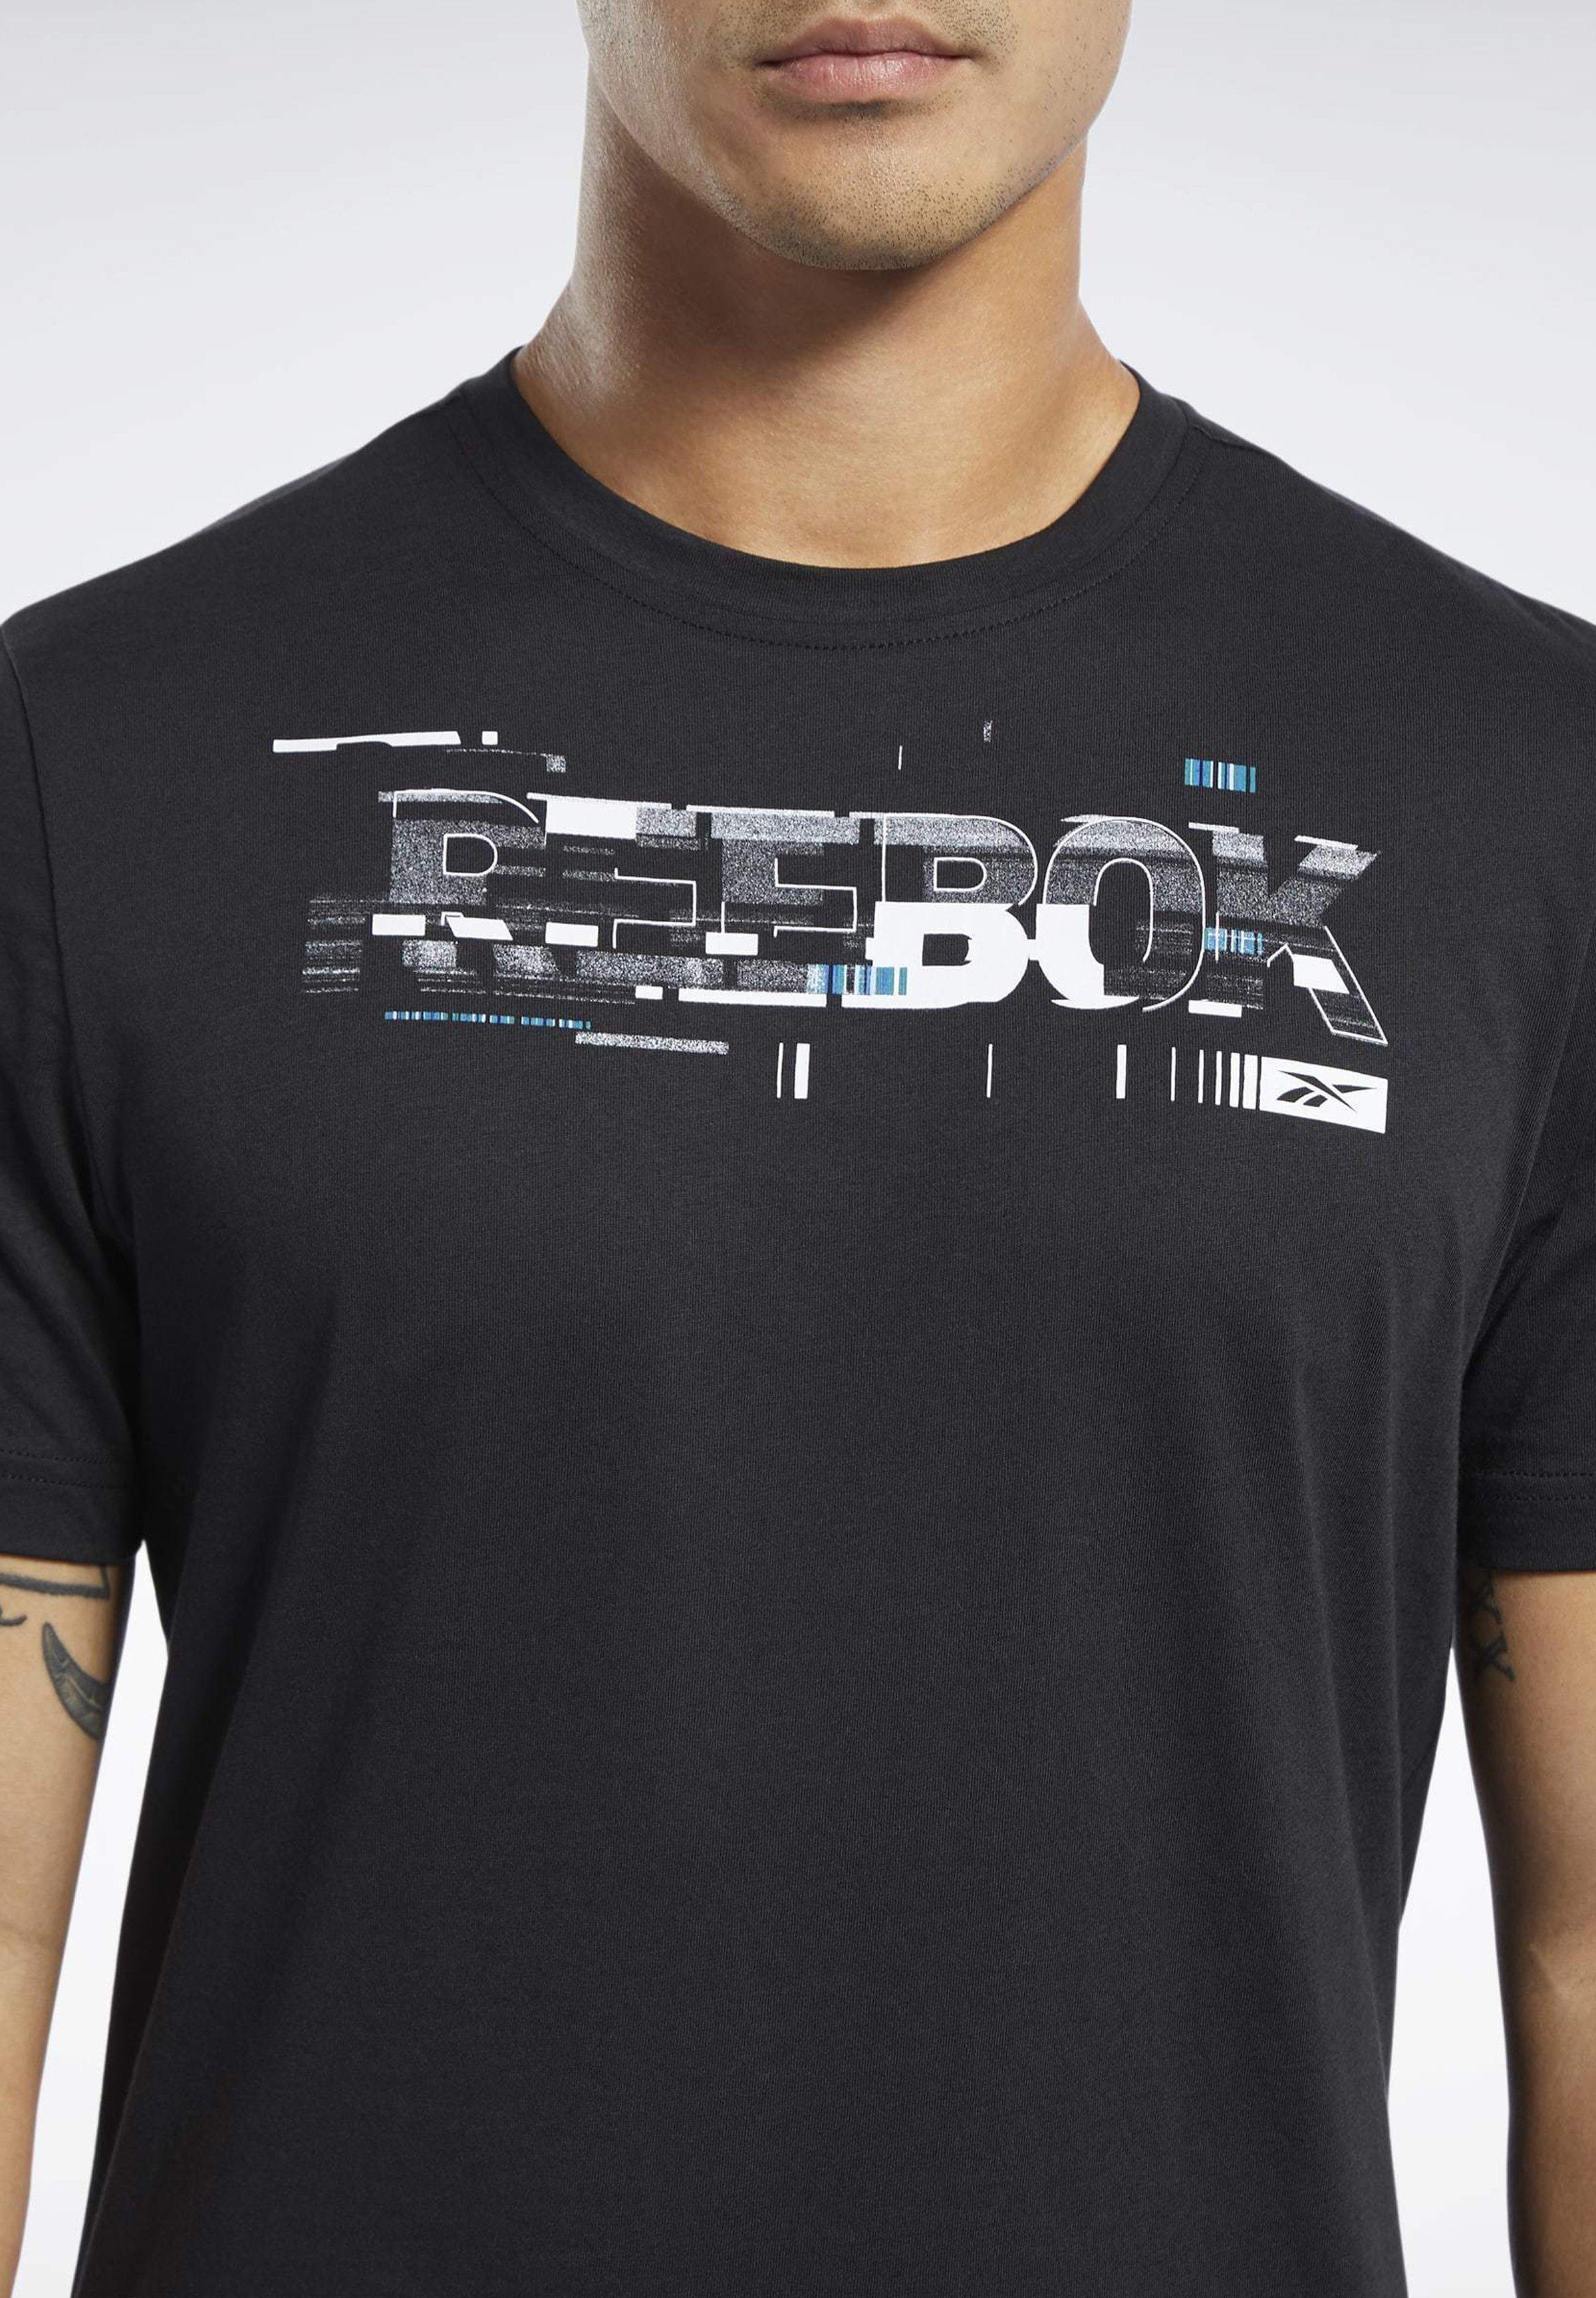 Reebok T-shirt z nadrukiem - black